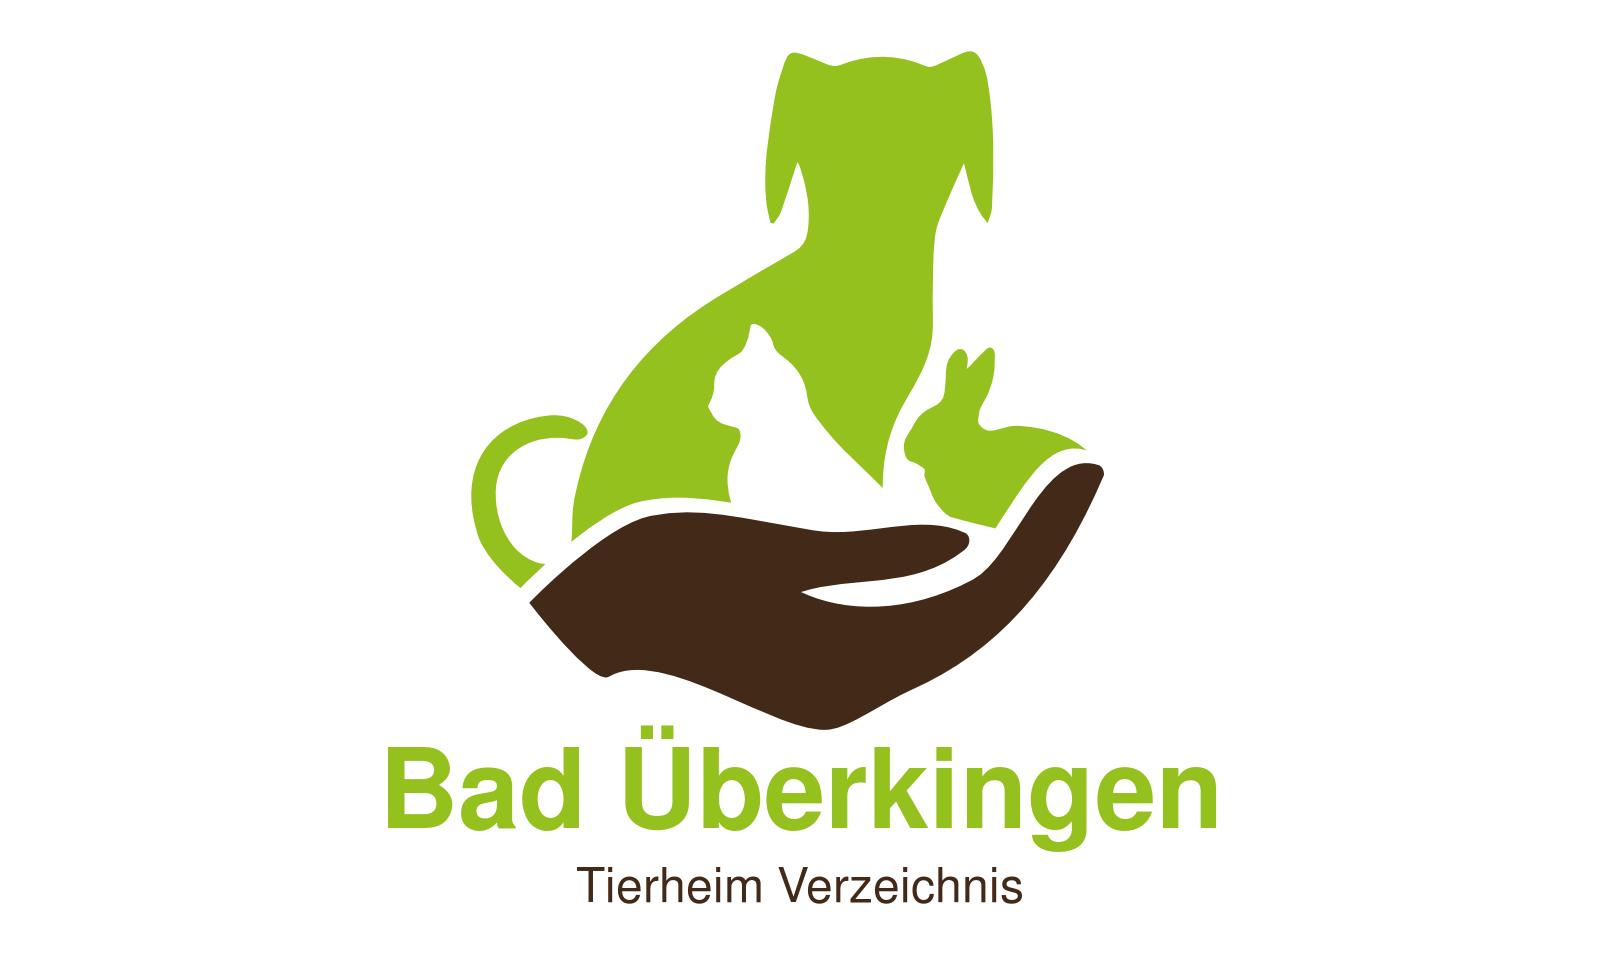 Tierheim Bad Überkingen